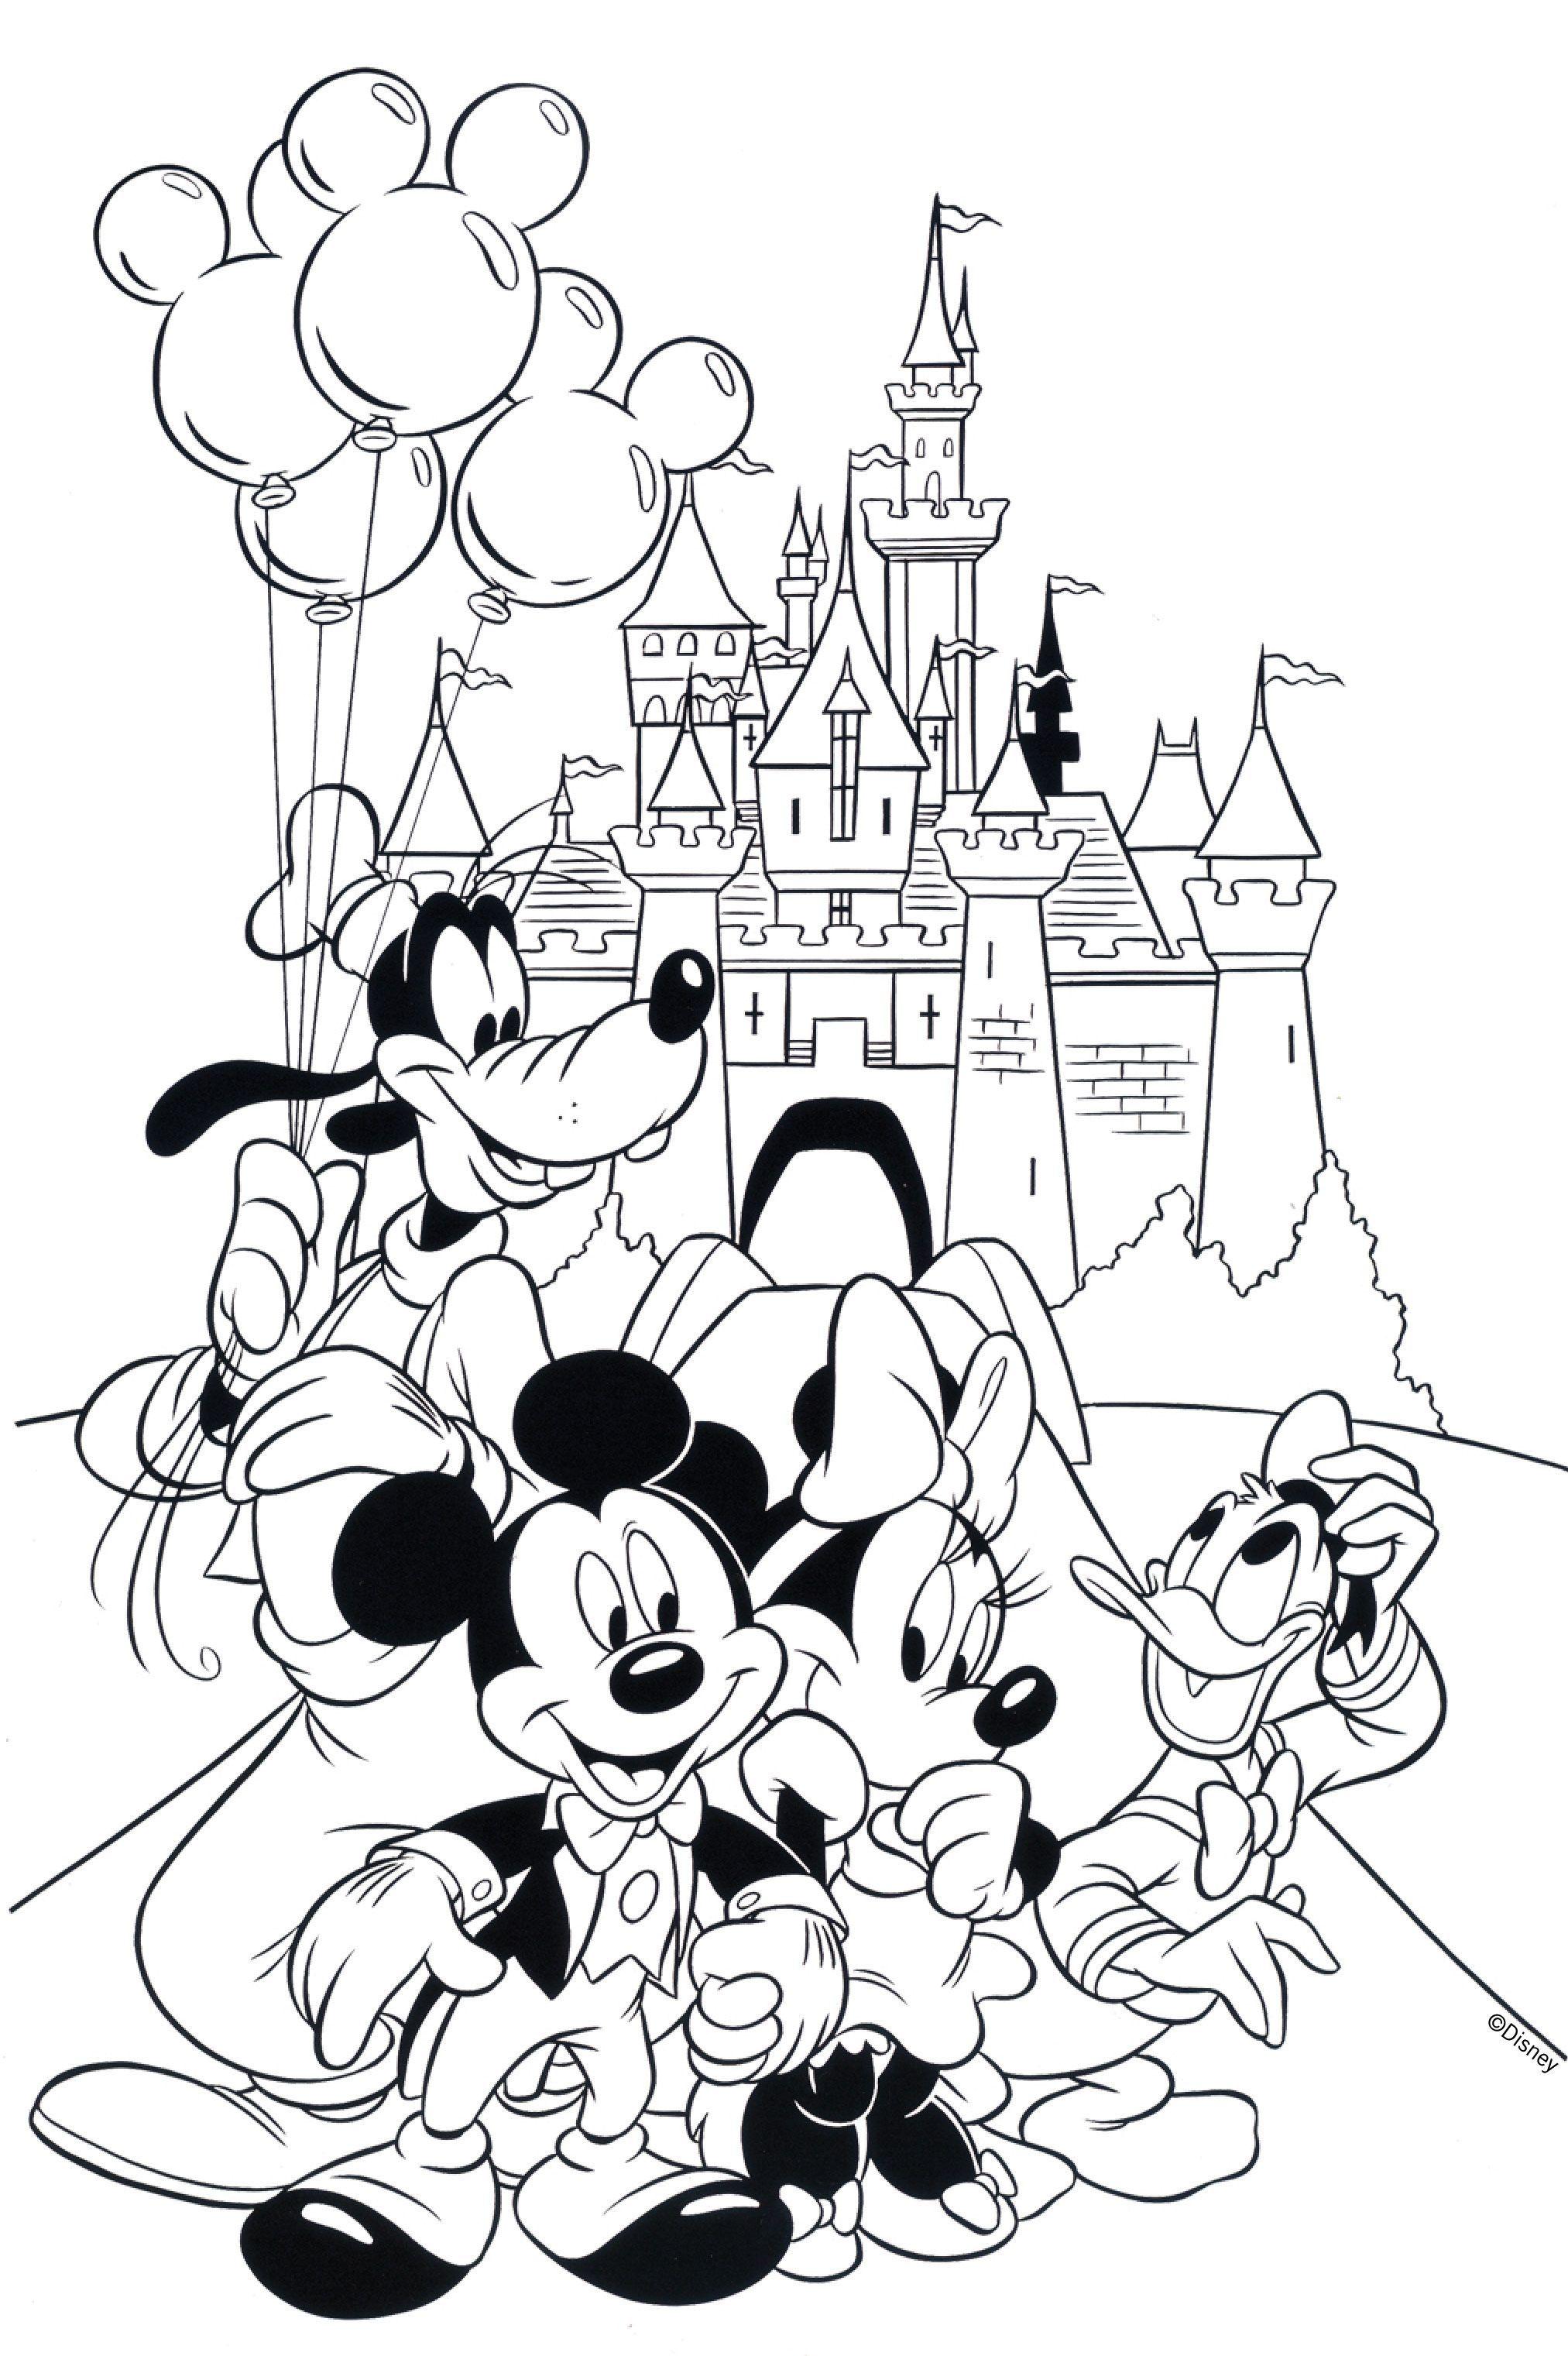 Disney Coloring Books Disney Coloring Books Disney Coloring Books Amazon Disney Coloring Disney Coloring Pages Mickey Coloring Pages Disney Coloring Sheets